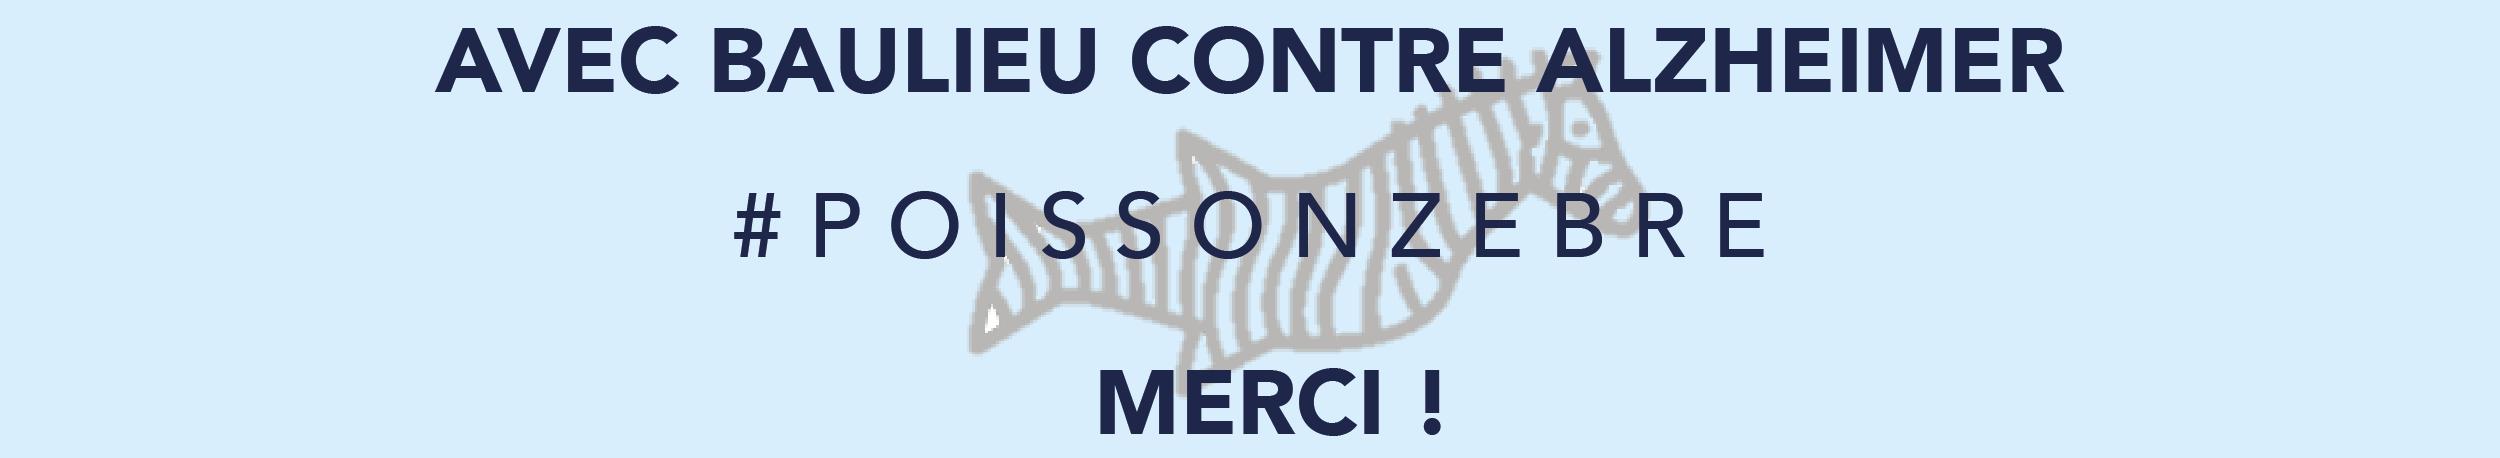 #poissonzebre_Baulieu